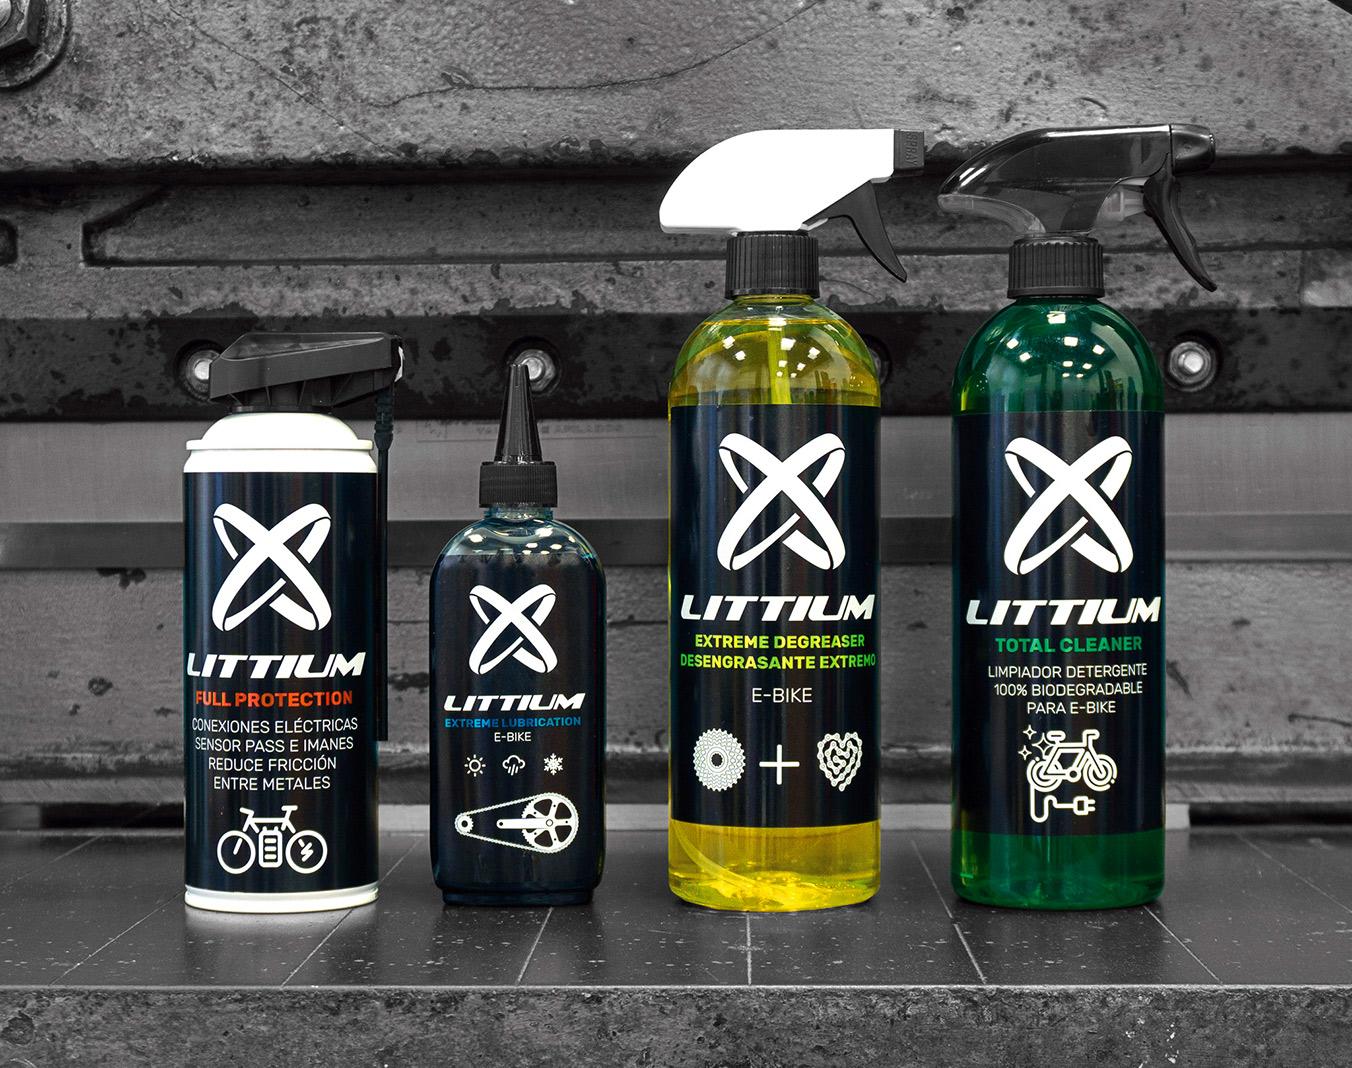 Littium productos mantenimiento cuidado y limpieza